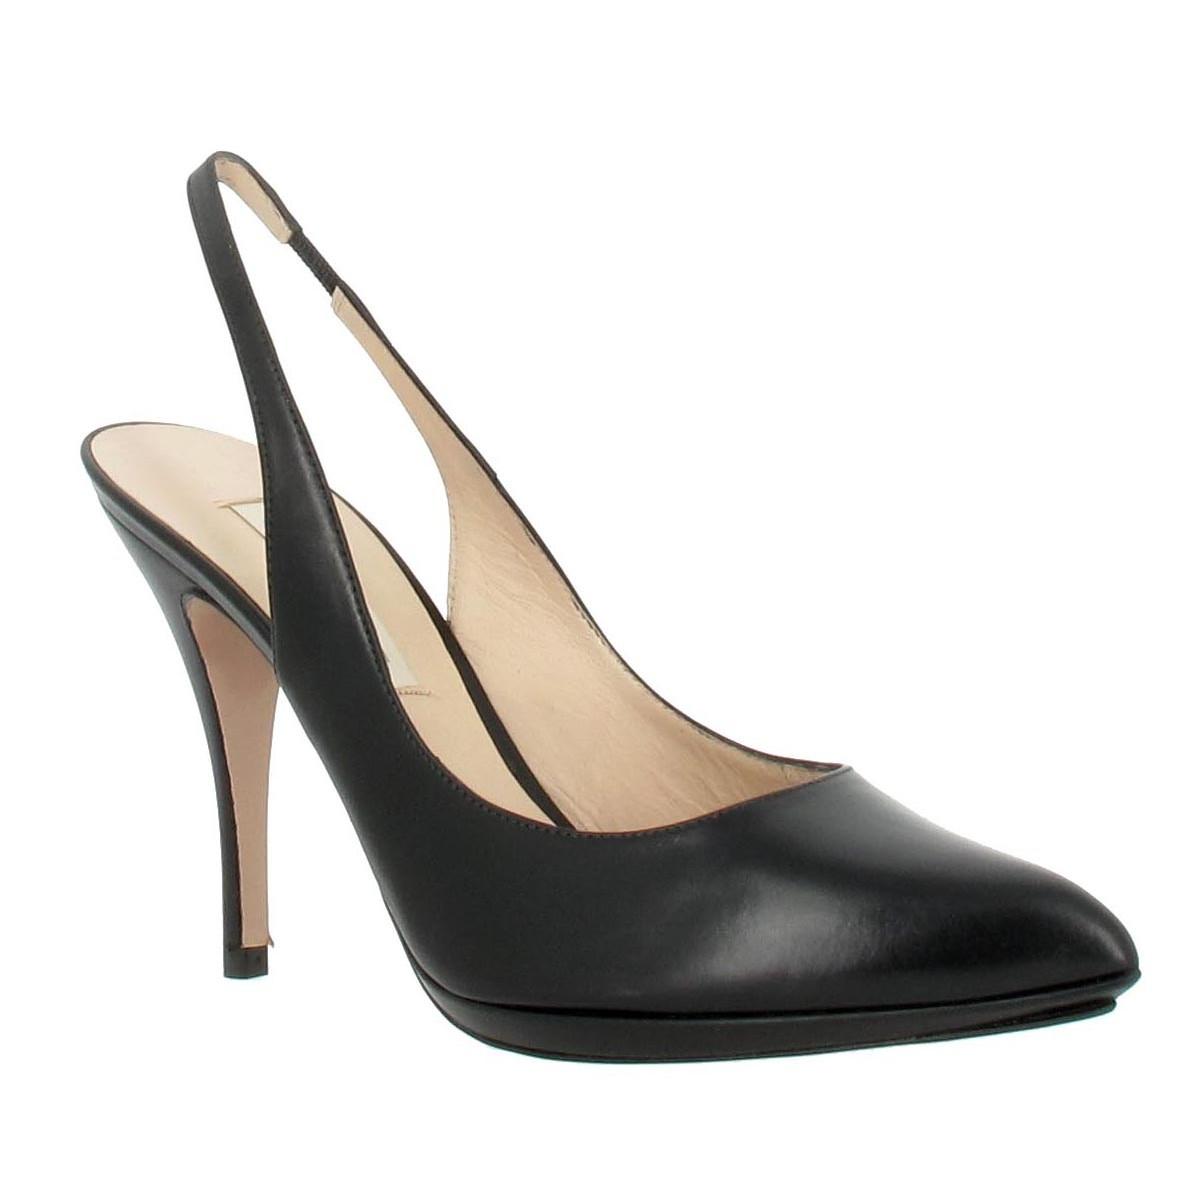 Escarpins PURA LOPEZ 138 cuir Femme Noir